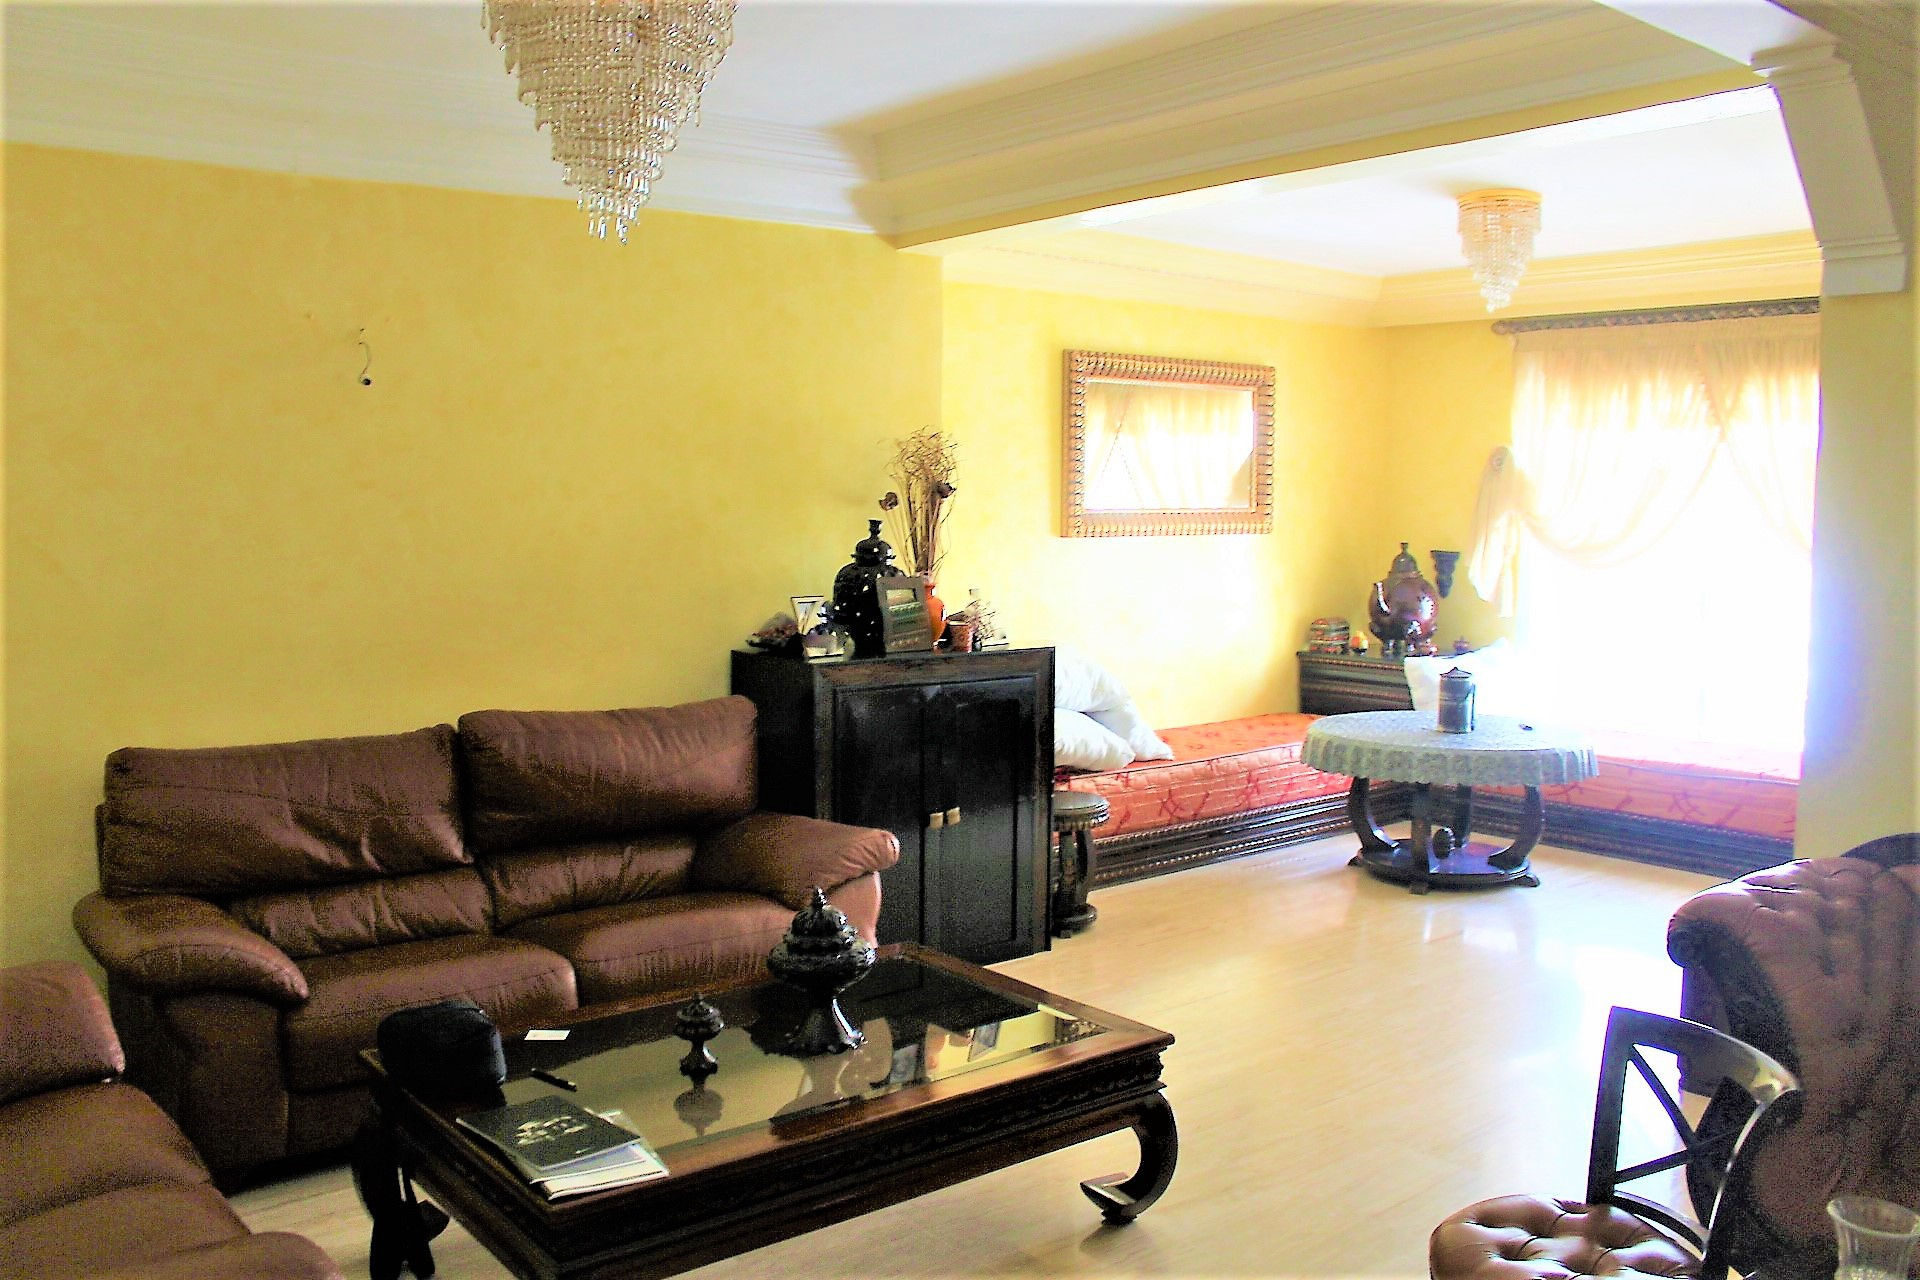 Maroc, Casablanca, Racine, secteur Bld Massira el Khadra, à vendre parfait logement de 116 M2 exposition sud